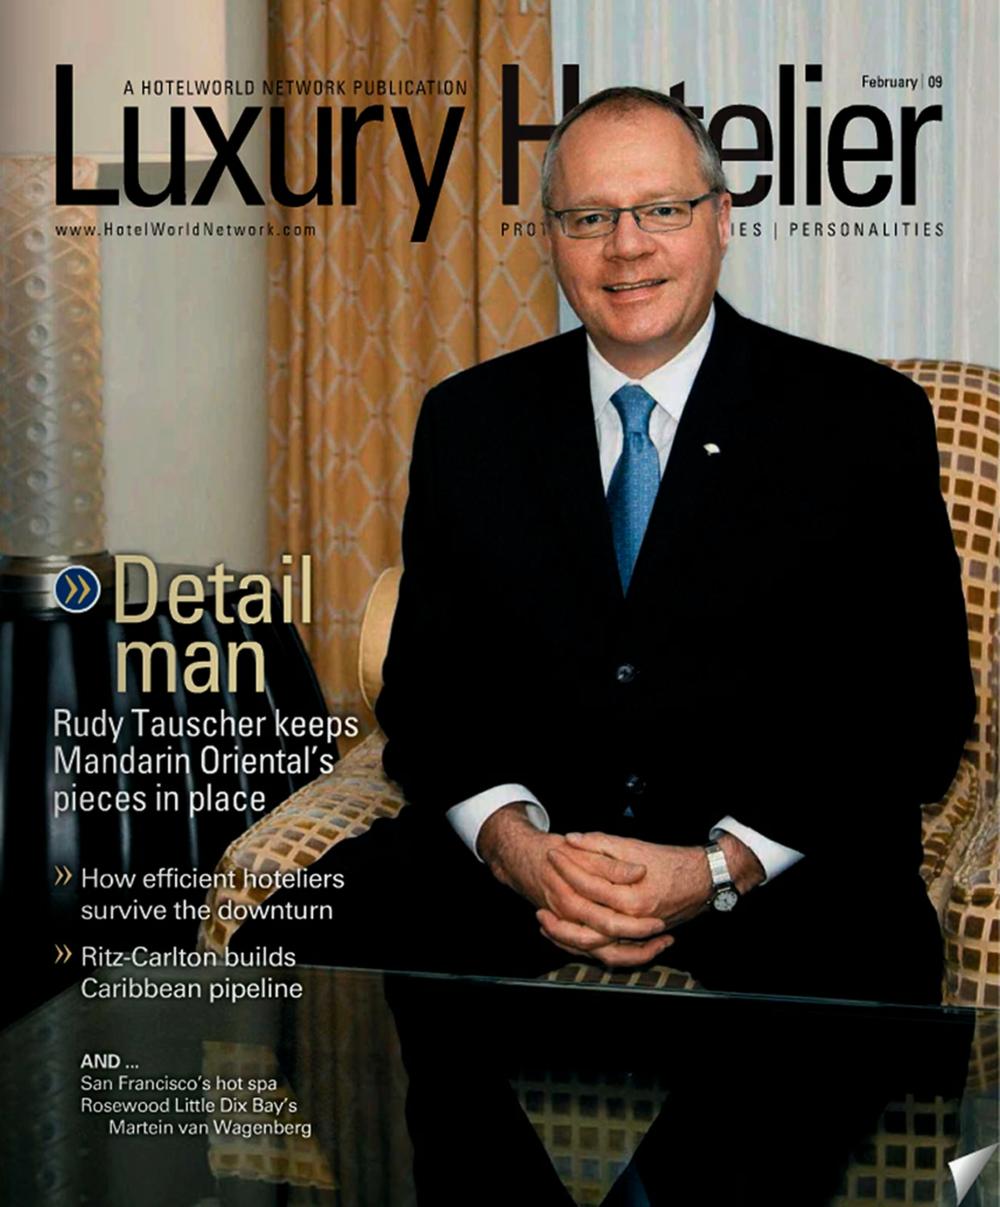 LuxuryHotelier_Rudy.jpg